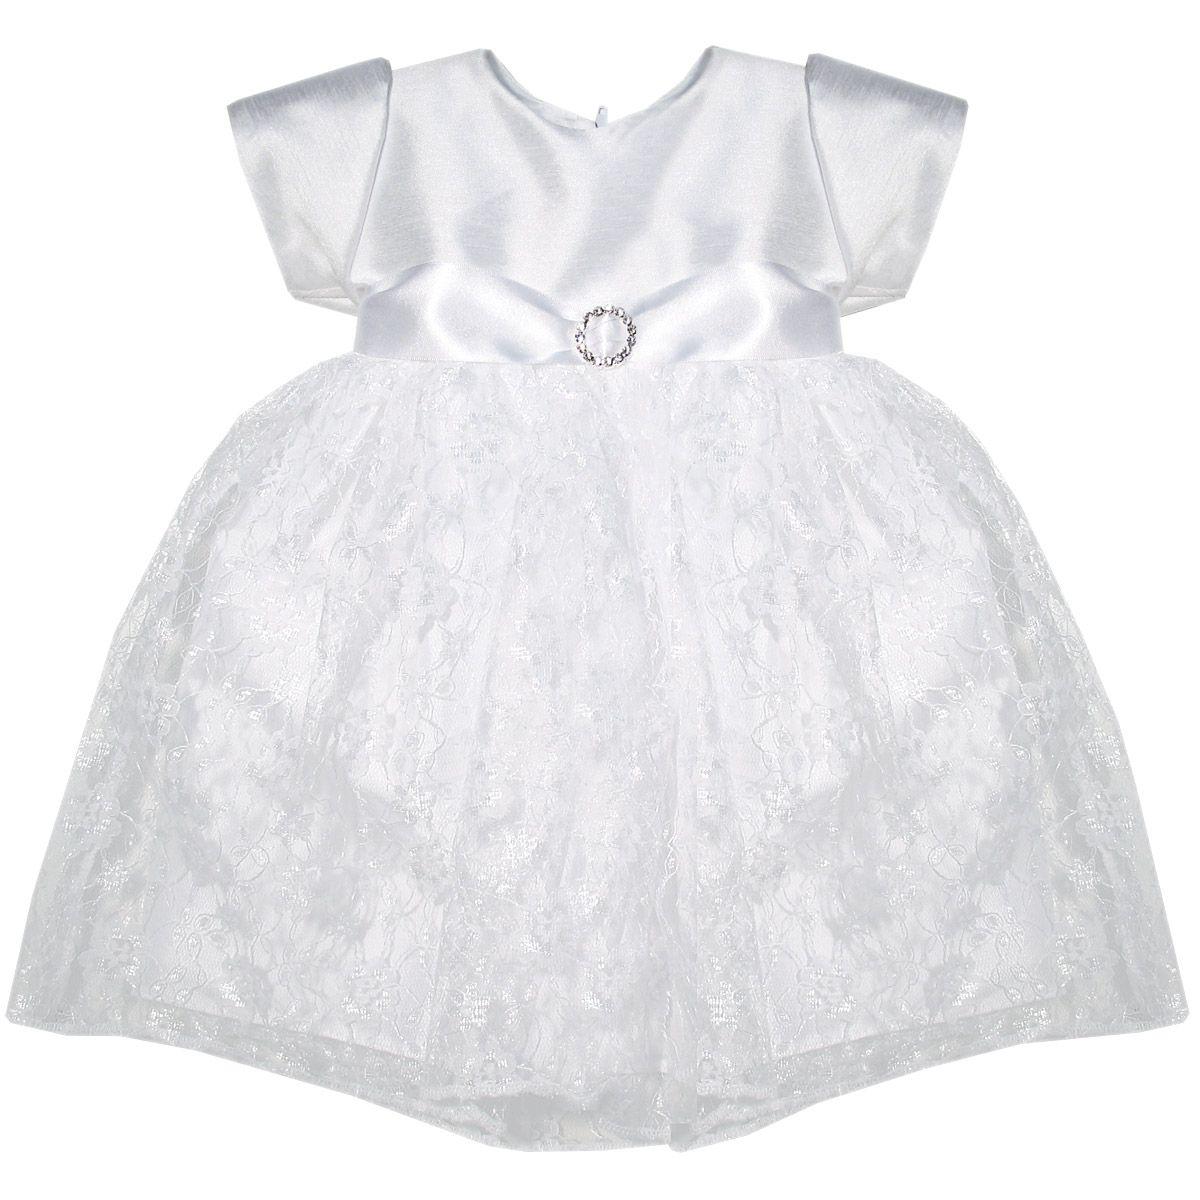 Vauvanvaatteet ja lastenvaatteet - Vauvan prinsessamekko, pitsi, 80-96cm